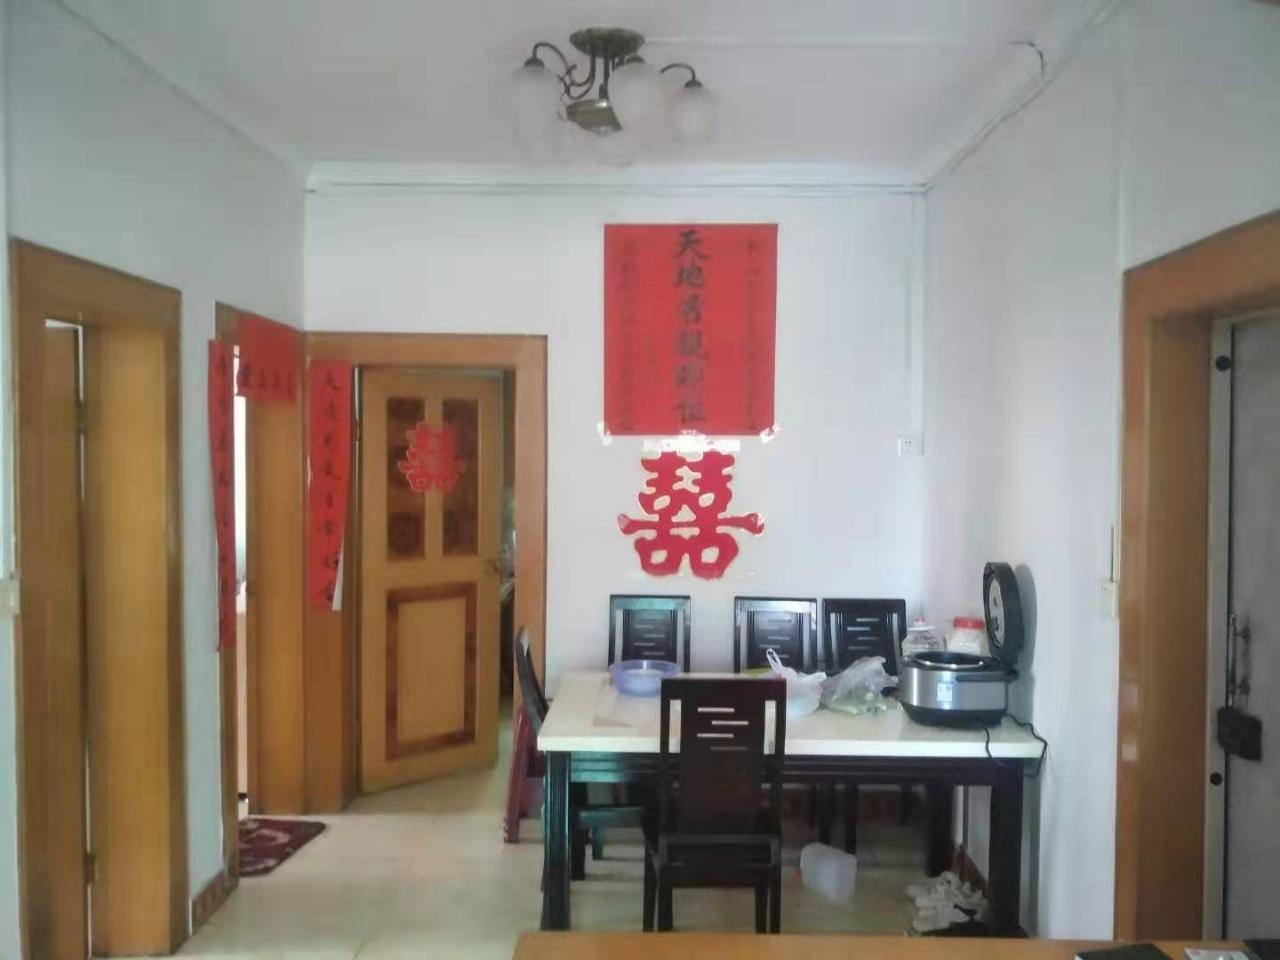 花燈廣場附近樓梯房3室 2廳 1衛43.8萬元